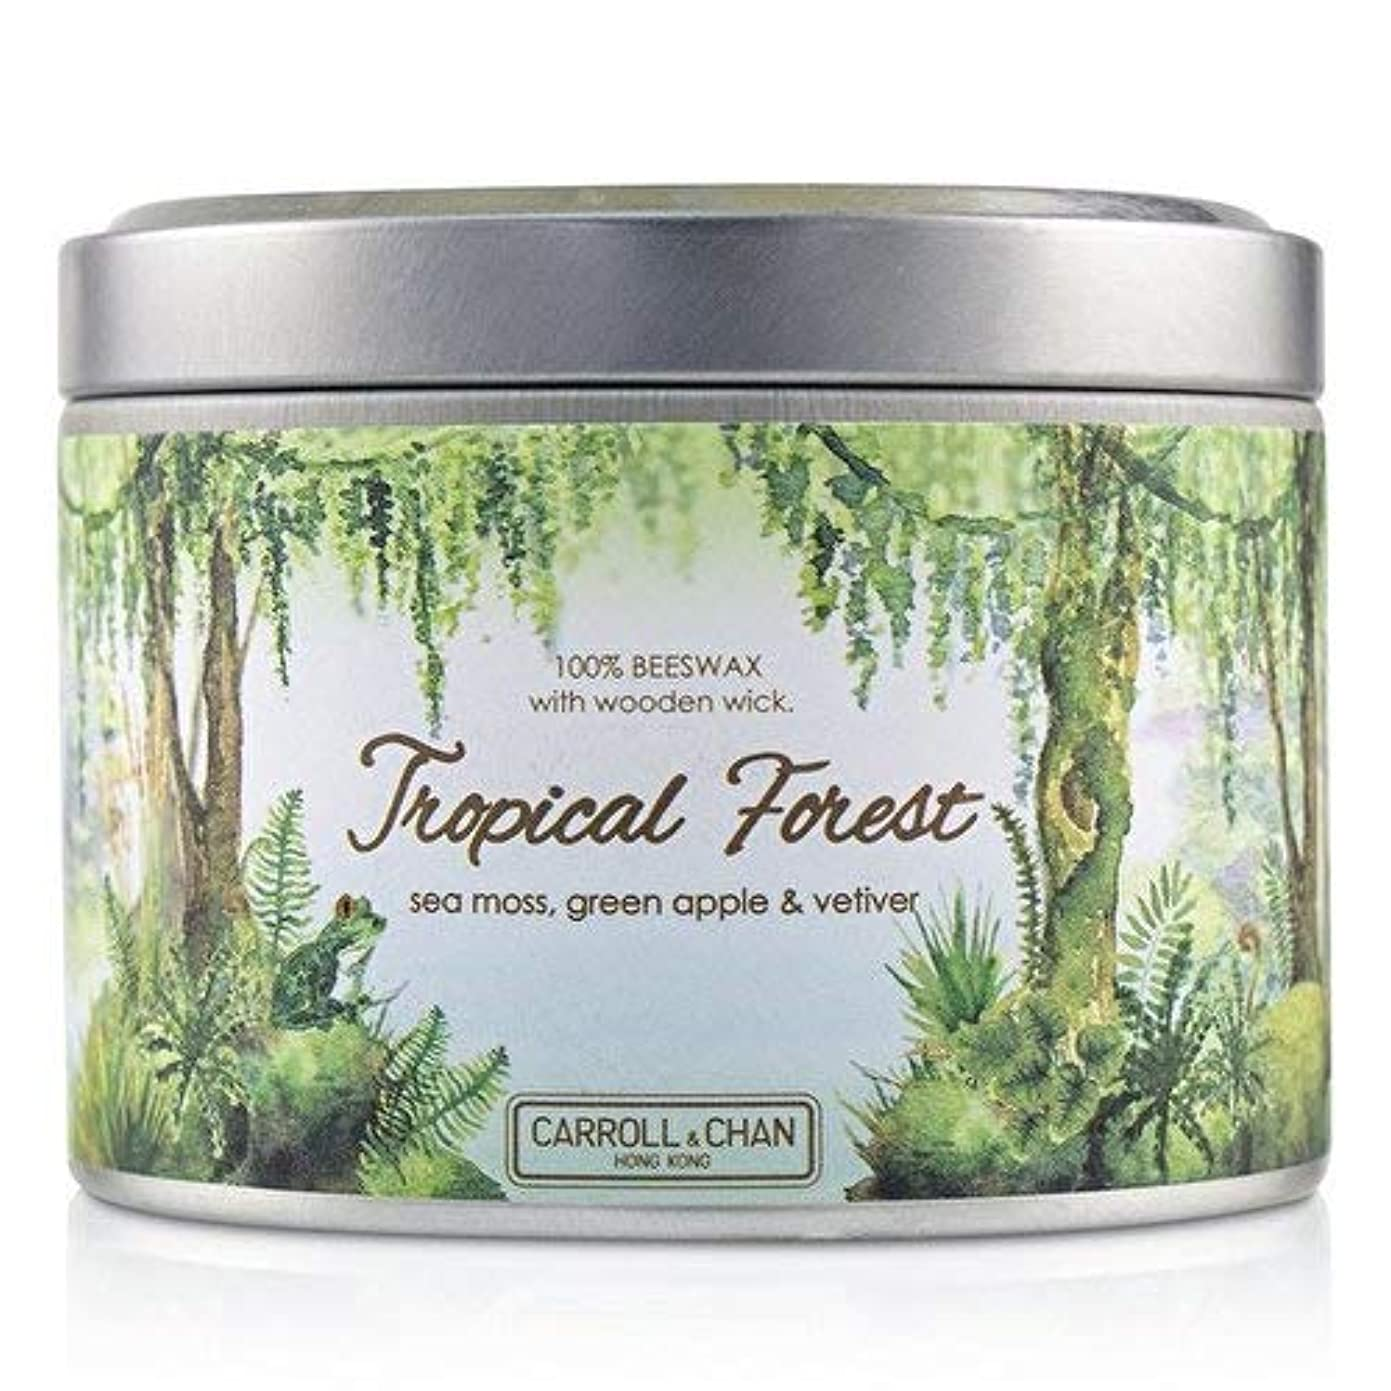 ポット罪香ばしいキャンドル?カンパニー Tin Can 100% Beeswax Candle with Wooden Wick - Tropical Forest (8x5) cm並行輸入品